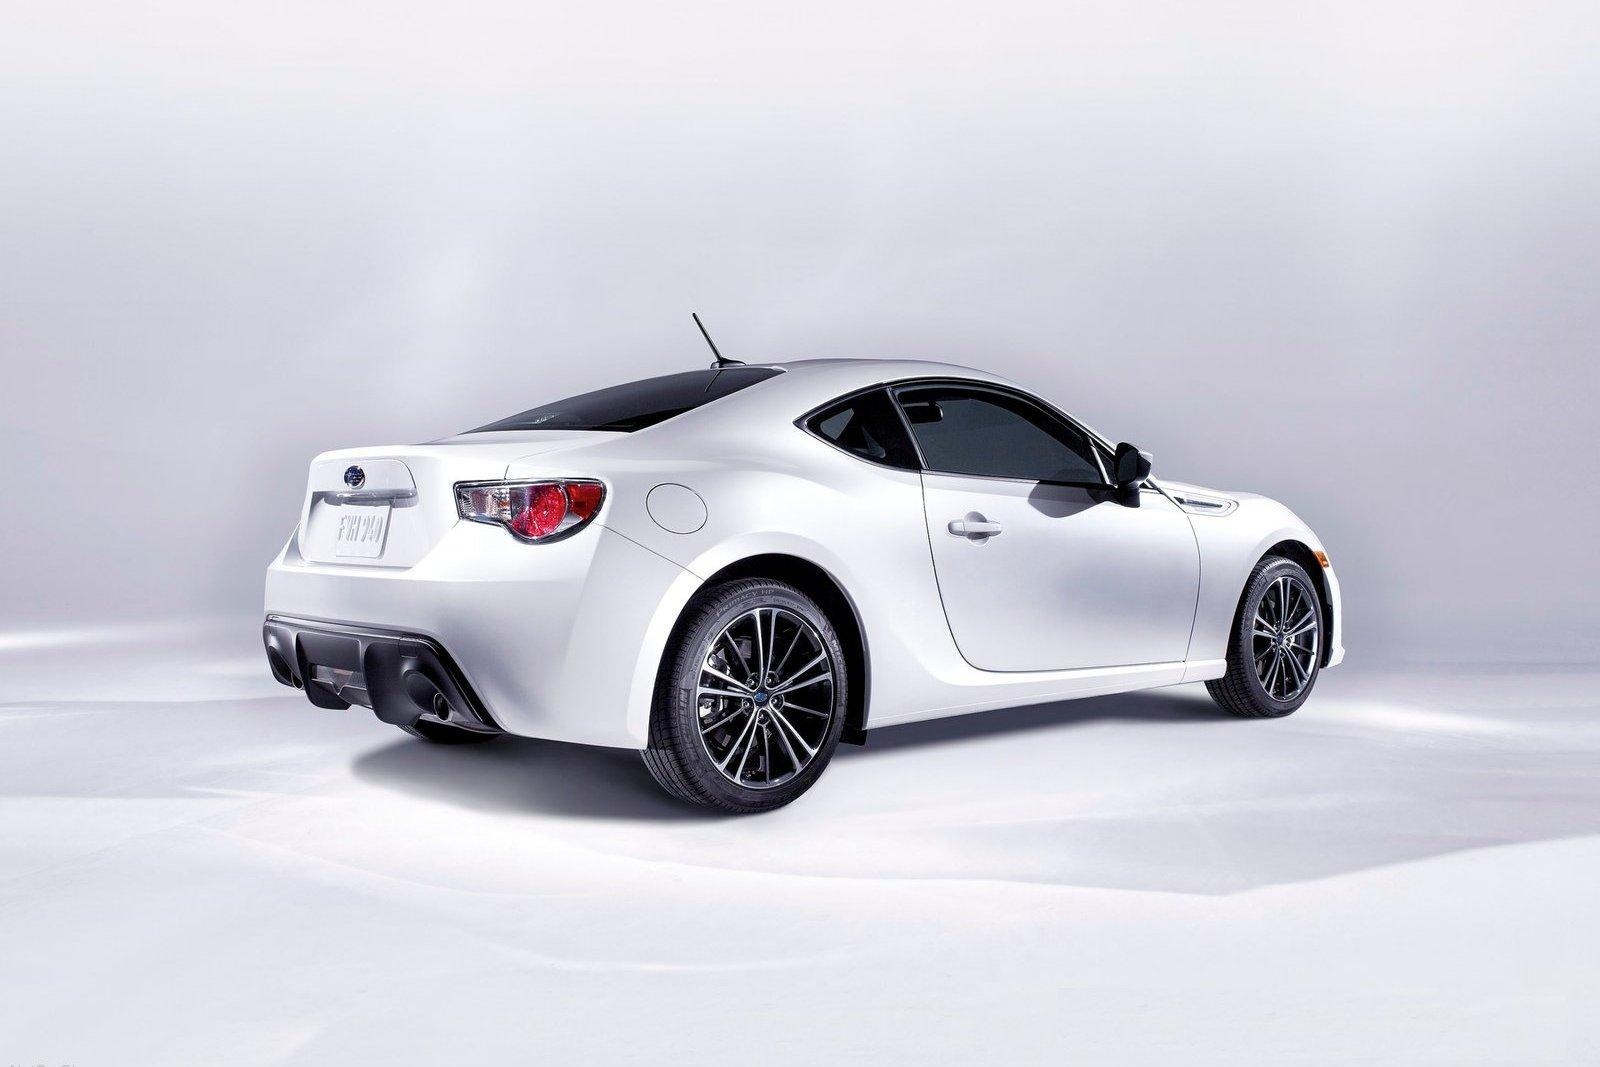 2012 Subaru BRZ Picture #2 of 2